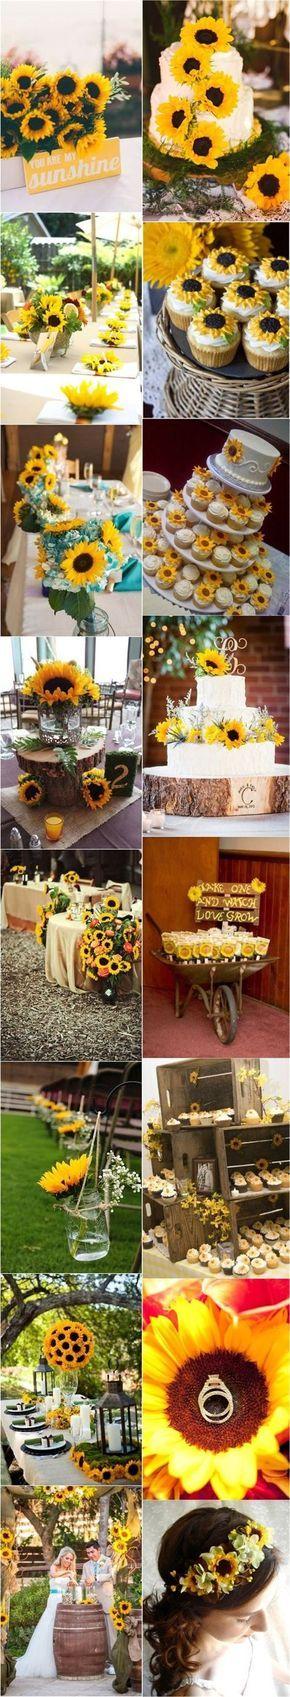 Sunflower Wedding Ideas and Wedding Invitations